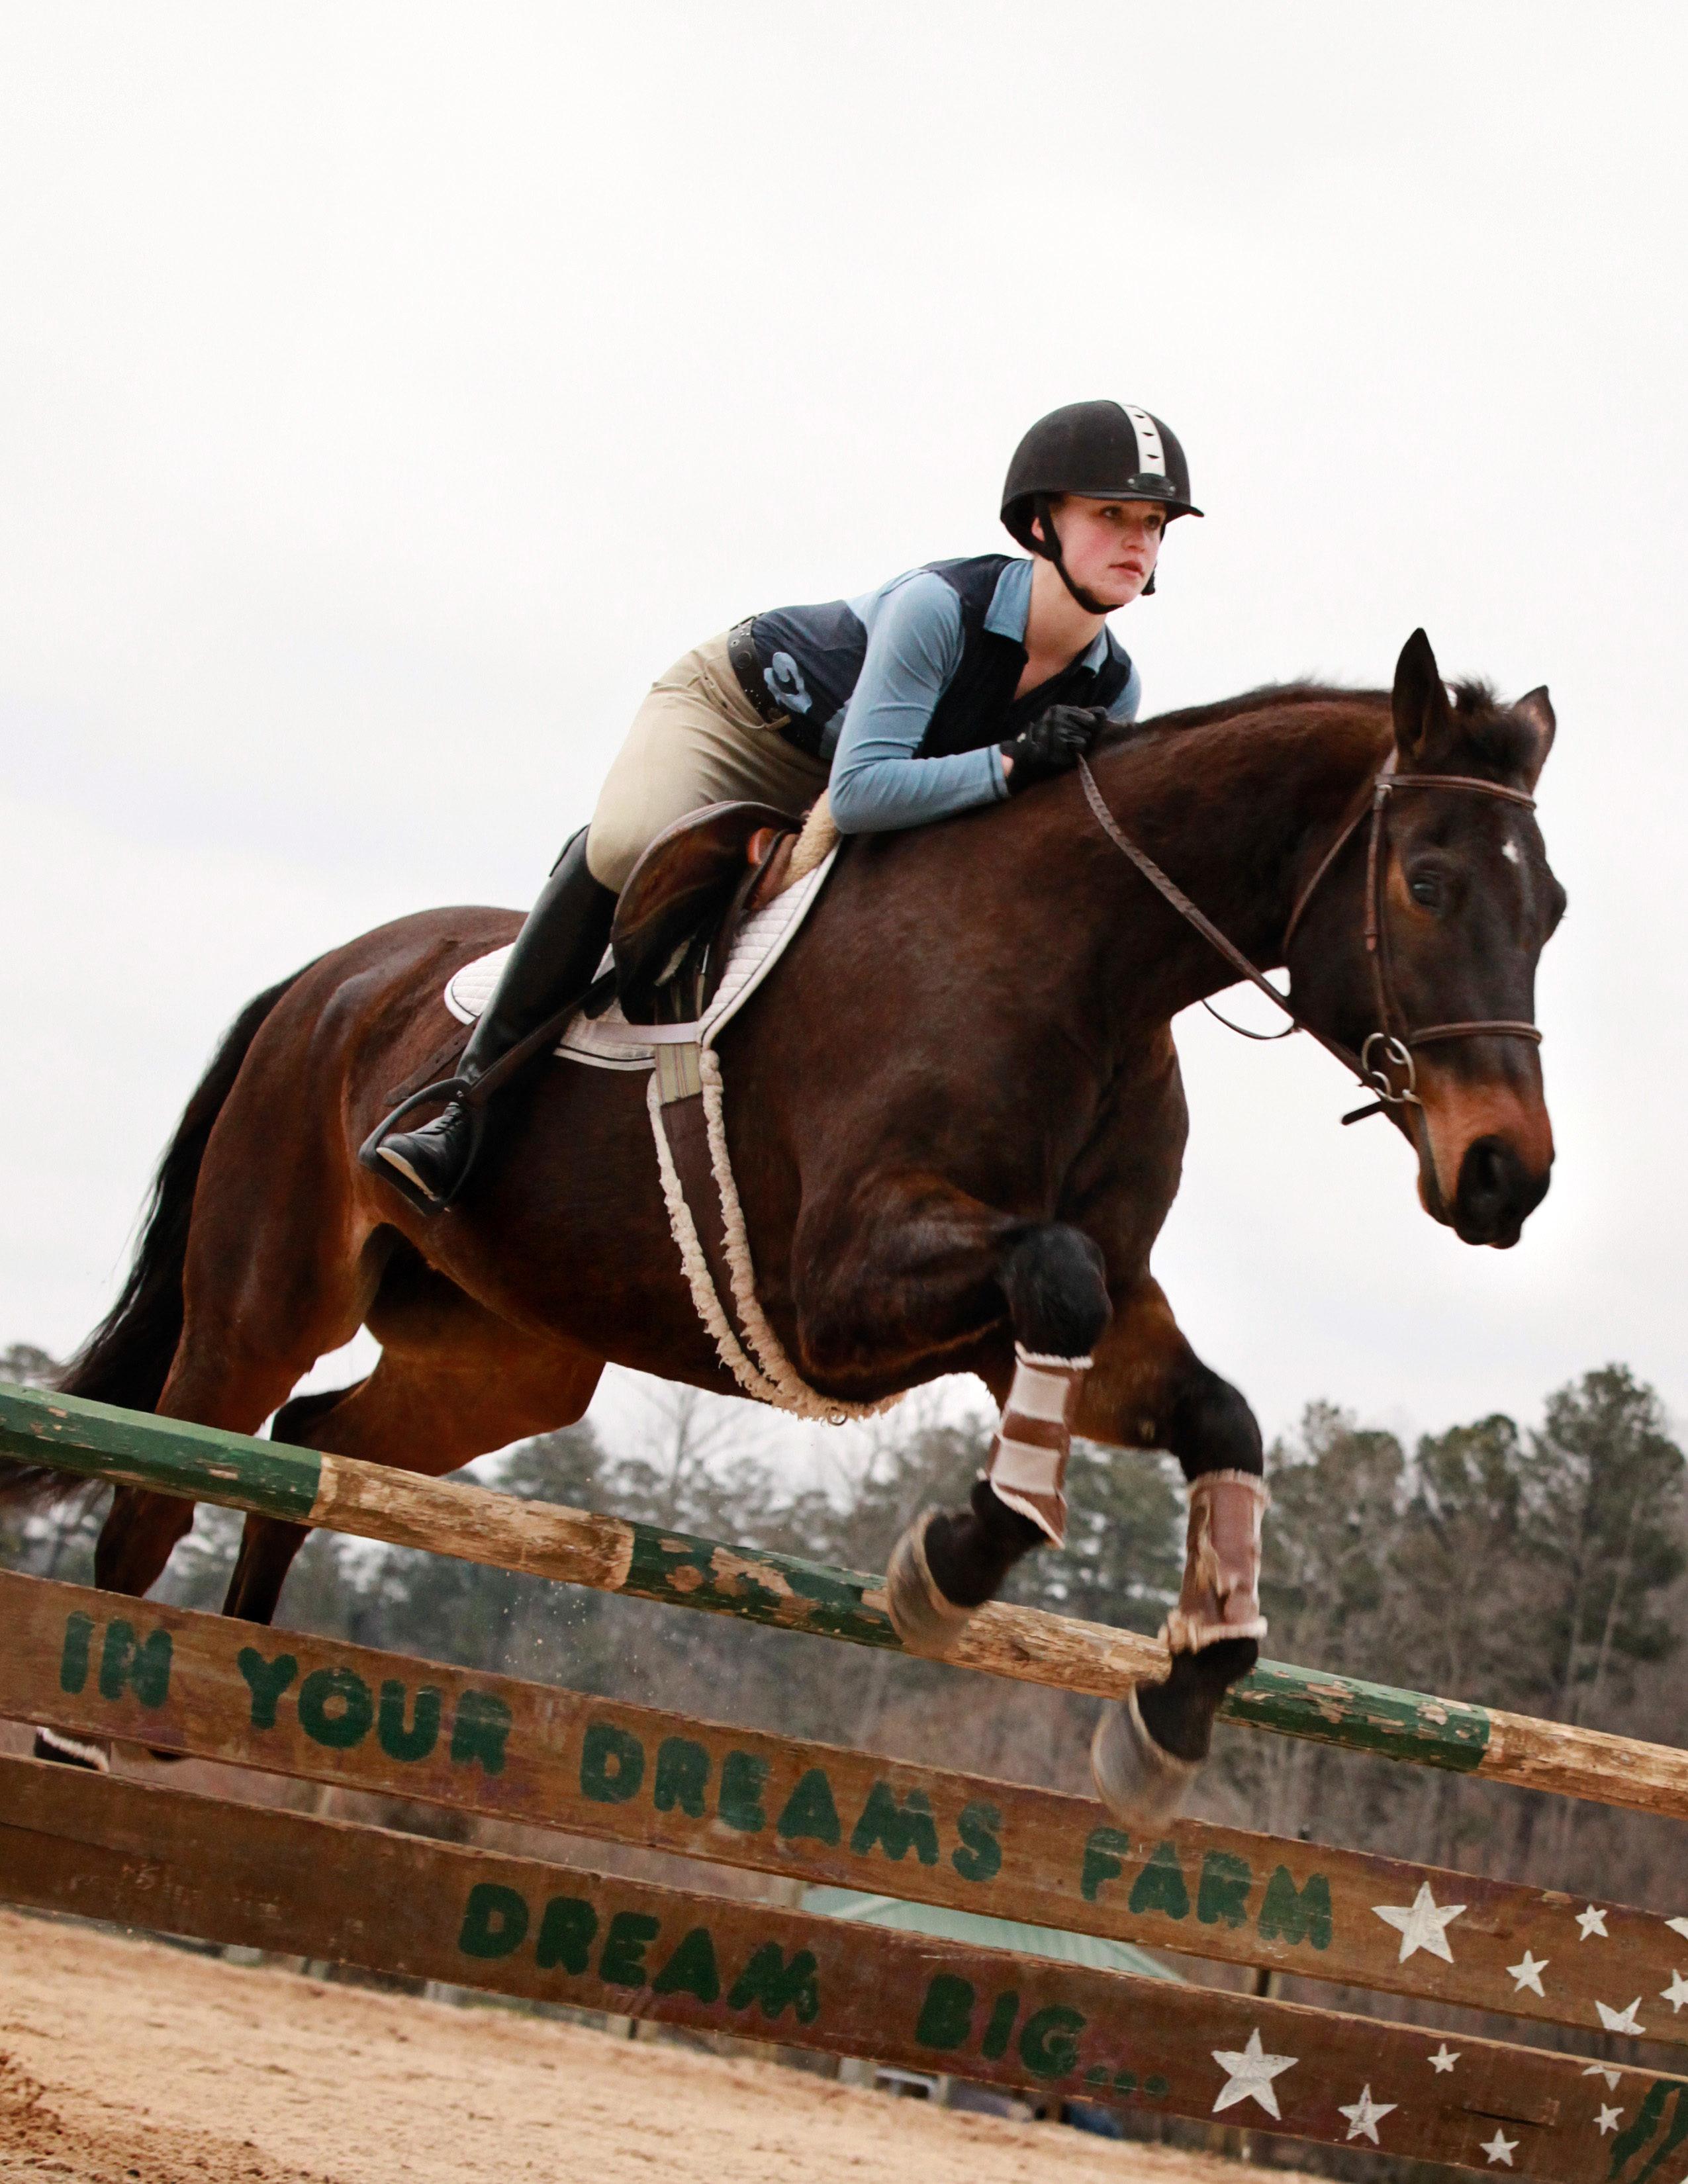 In Your Dreams Horse Farm in Alpharetta Georgia - Sarah Jumping